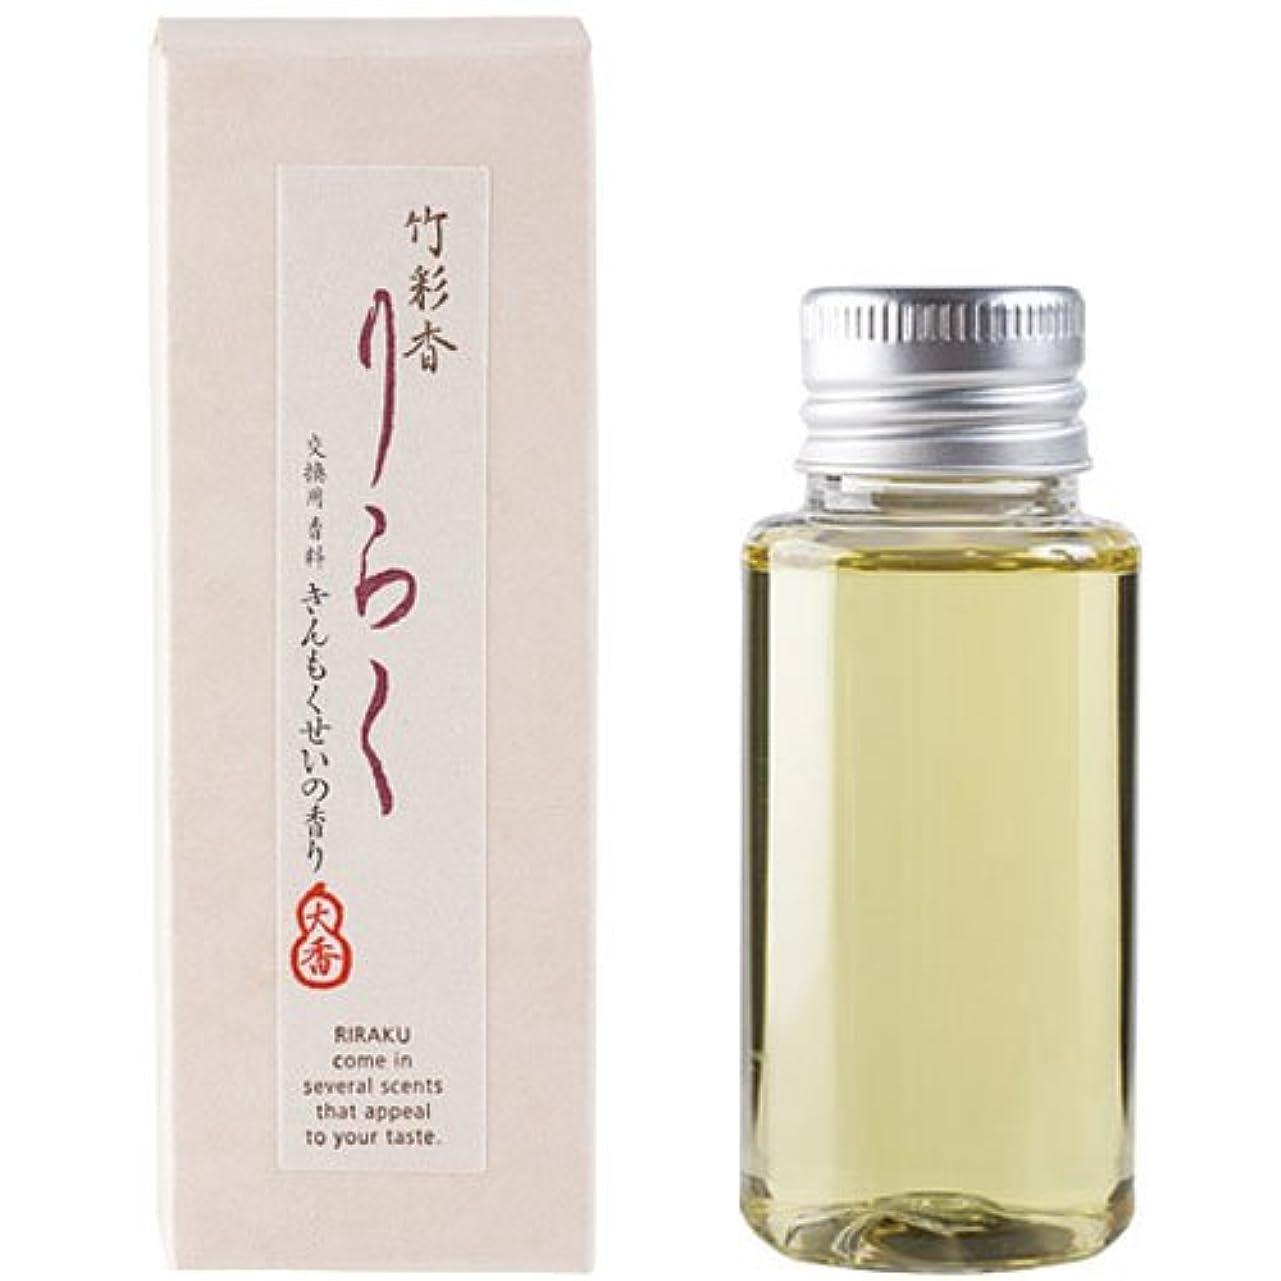 無関心エミュレーション崇拝する竹彩香りらく 交換用香料きんもくせい 50ml